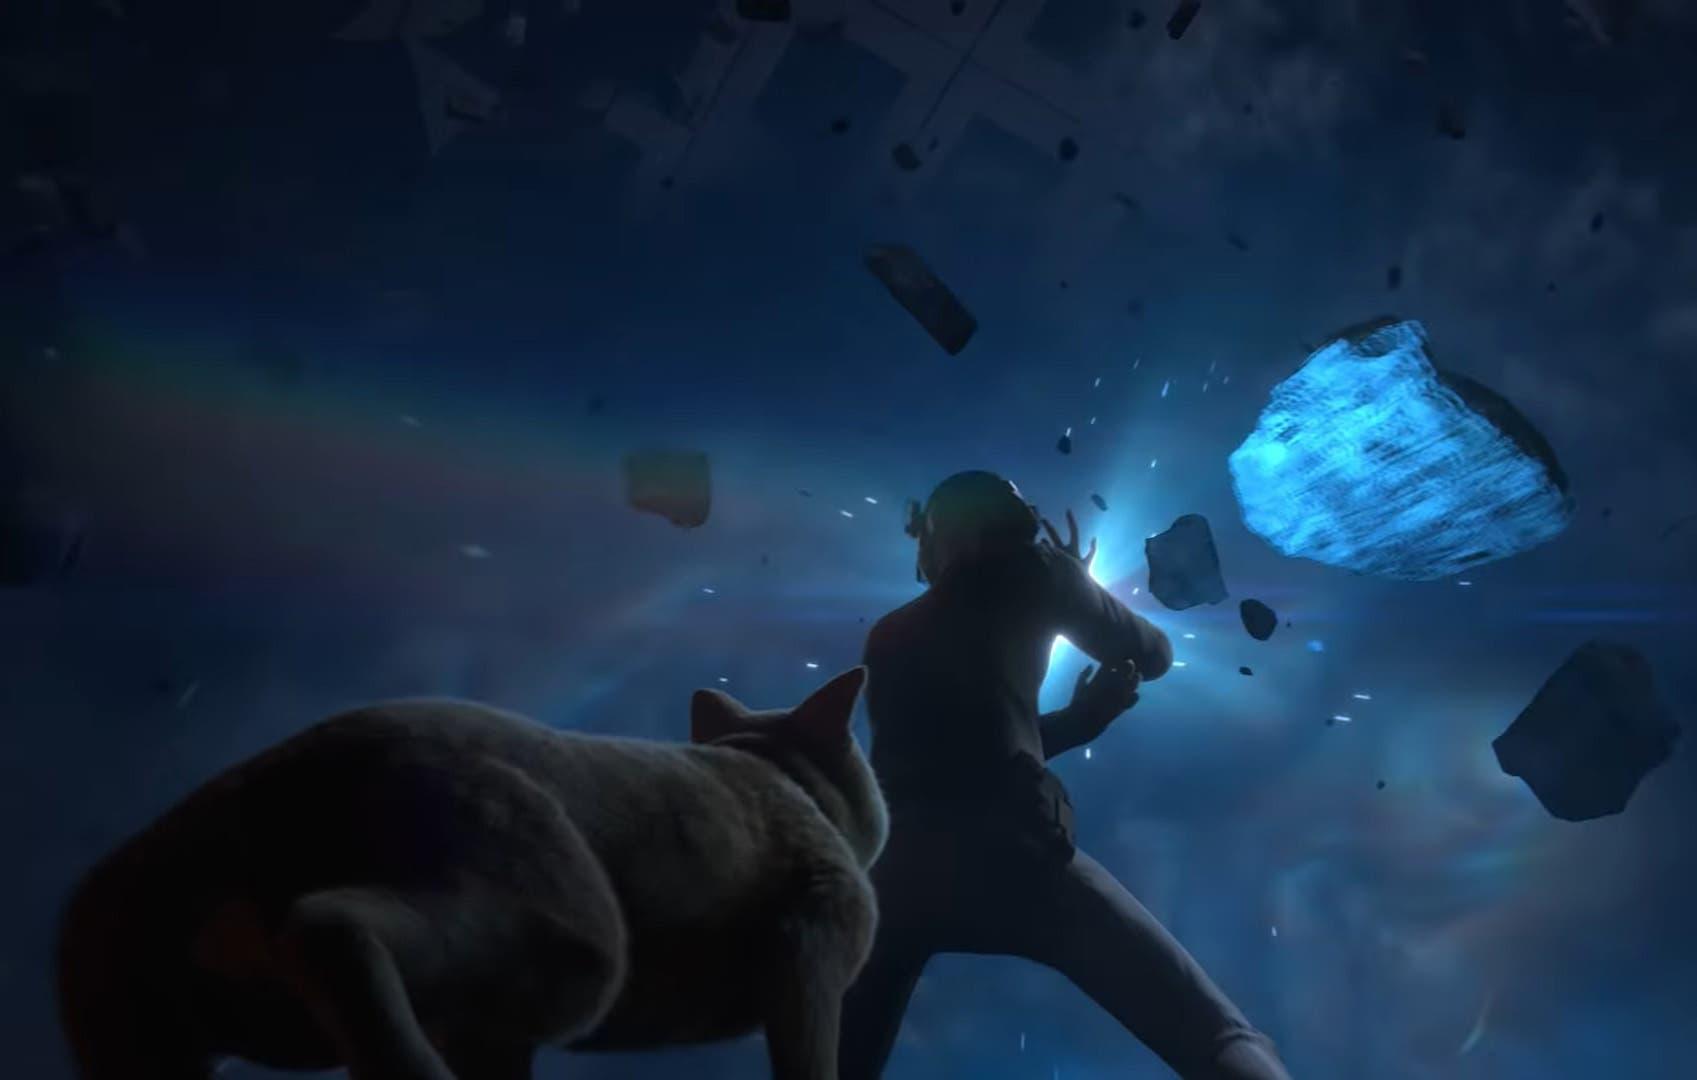 Platinum Games anuncia Project G.G., el nuevo juego de Hideki Kamiya 5